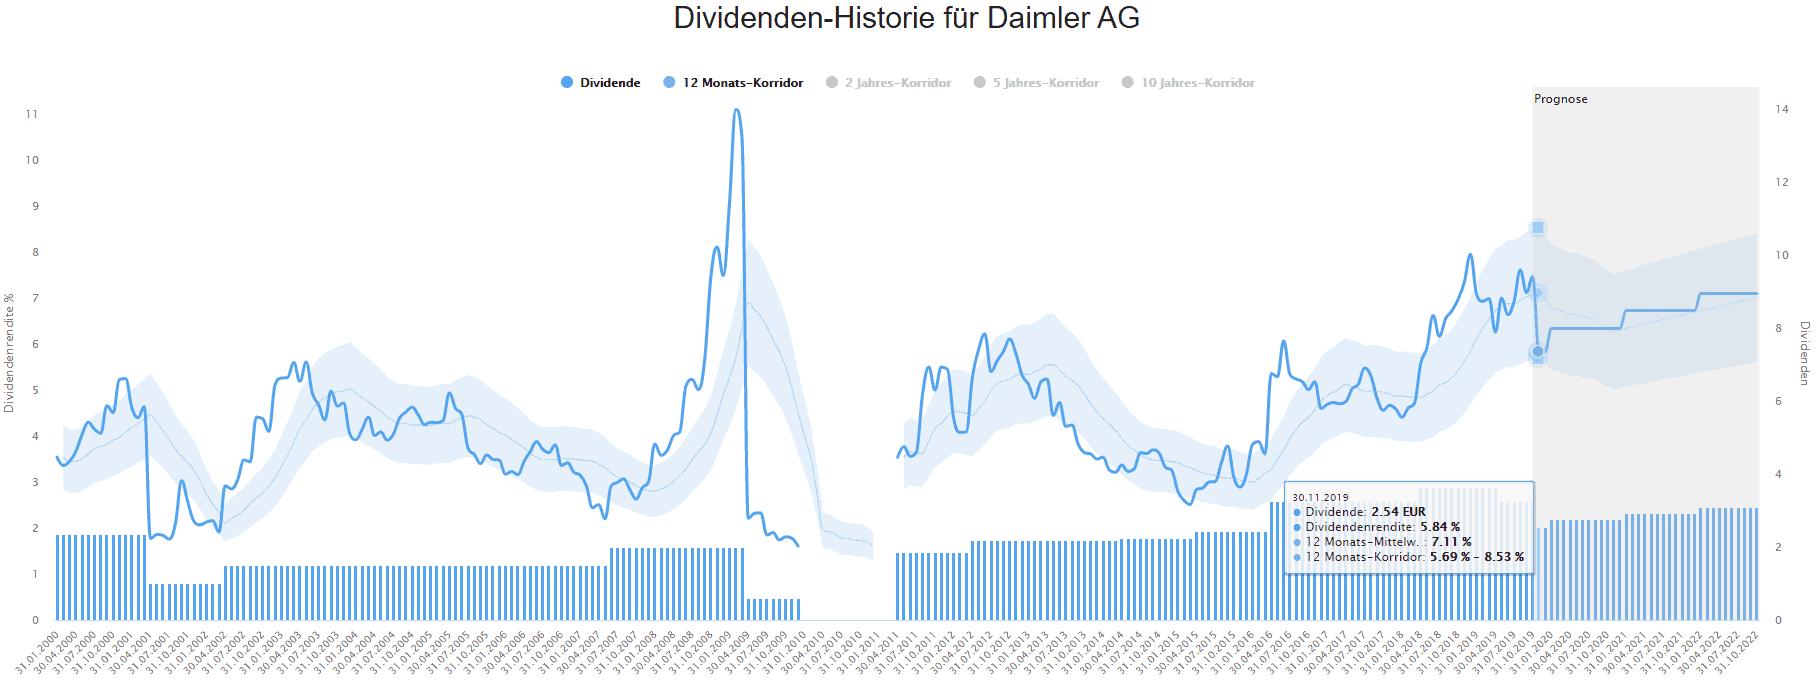 Historische Dividendenrendite der Daimler-Aktie